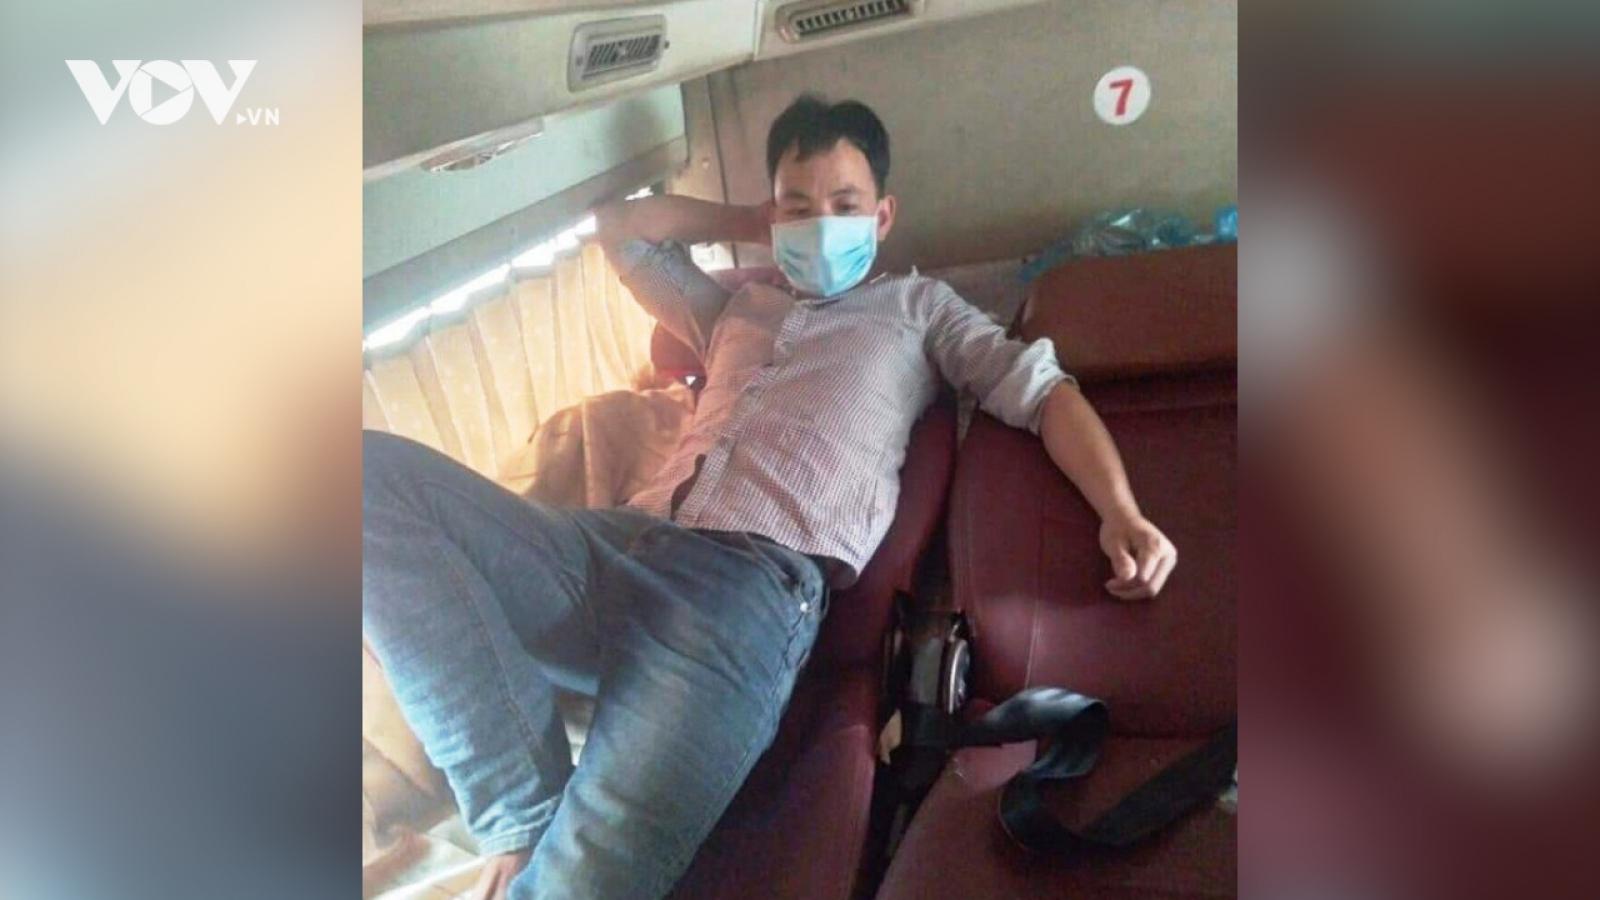 Nóng 24h: Tìm thấy F0 trốn khỏi khu điều trị trên xe khách Mỹ Đình - Hà Giang